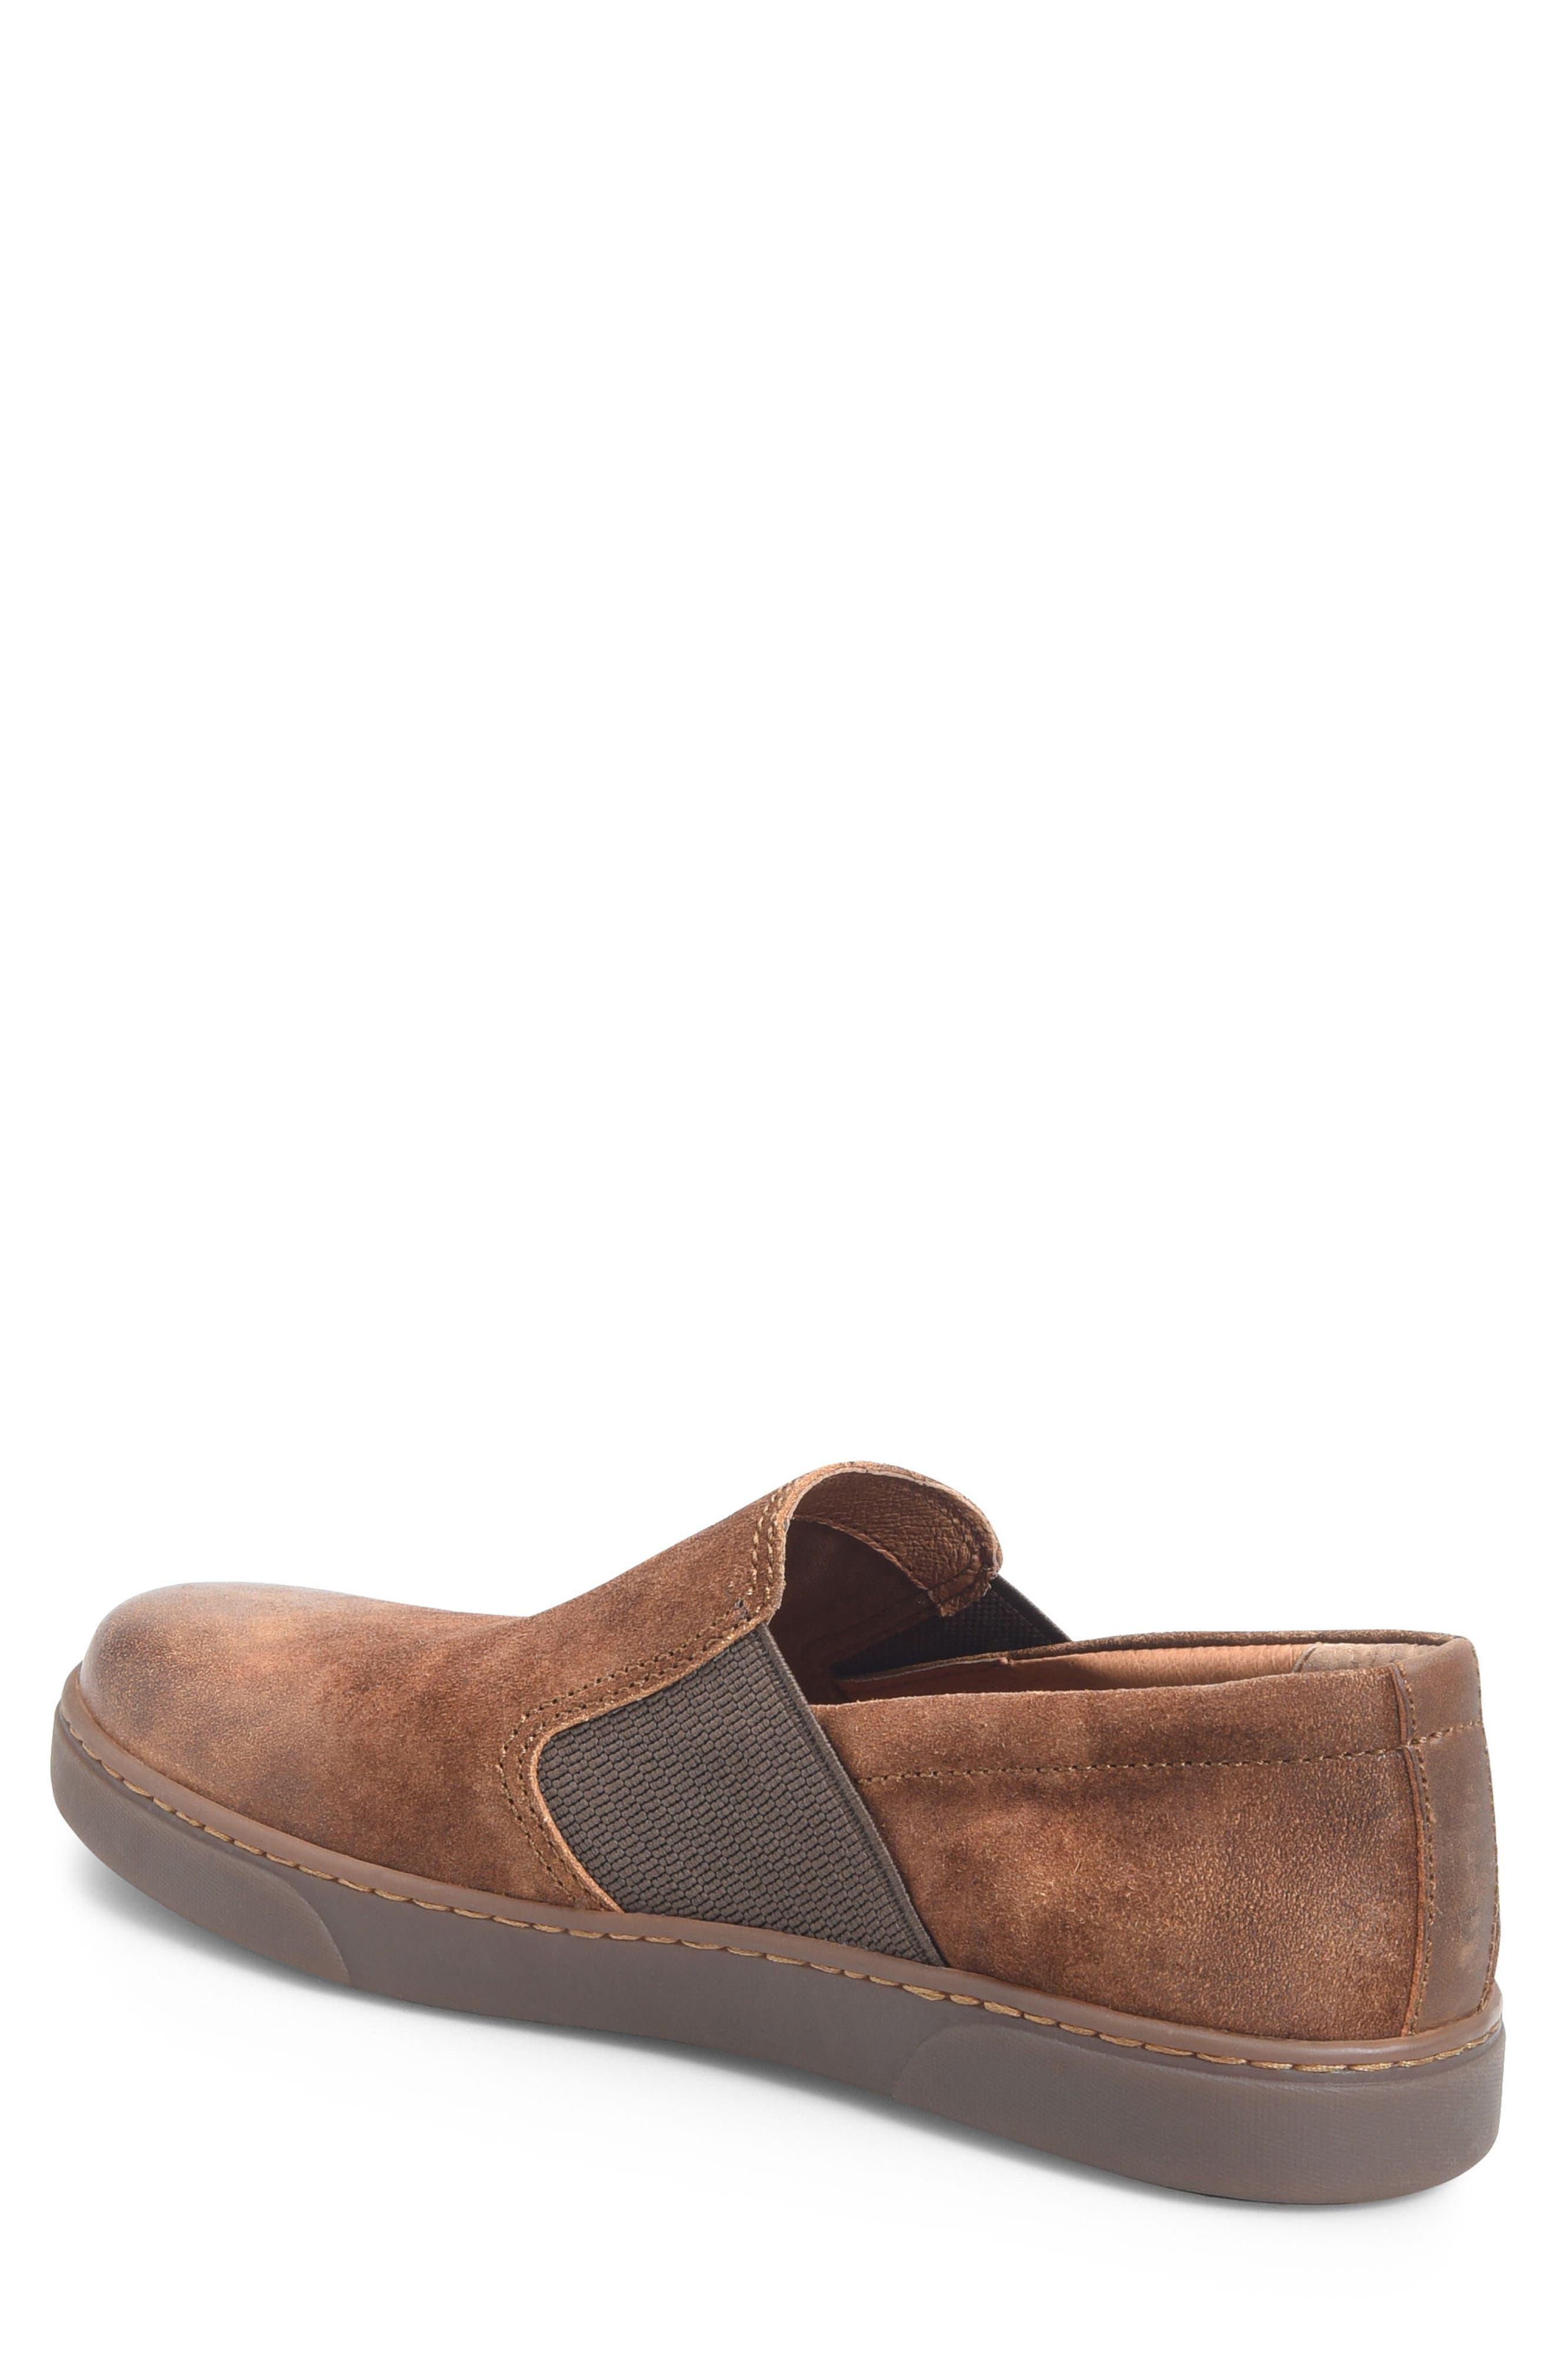 Belford Slip-On Sneaker,                             Alternate thumbnail 2, color,                             219